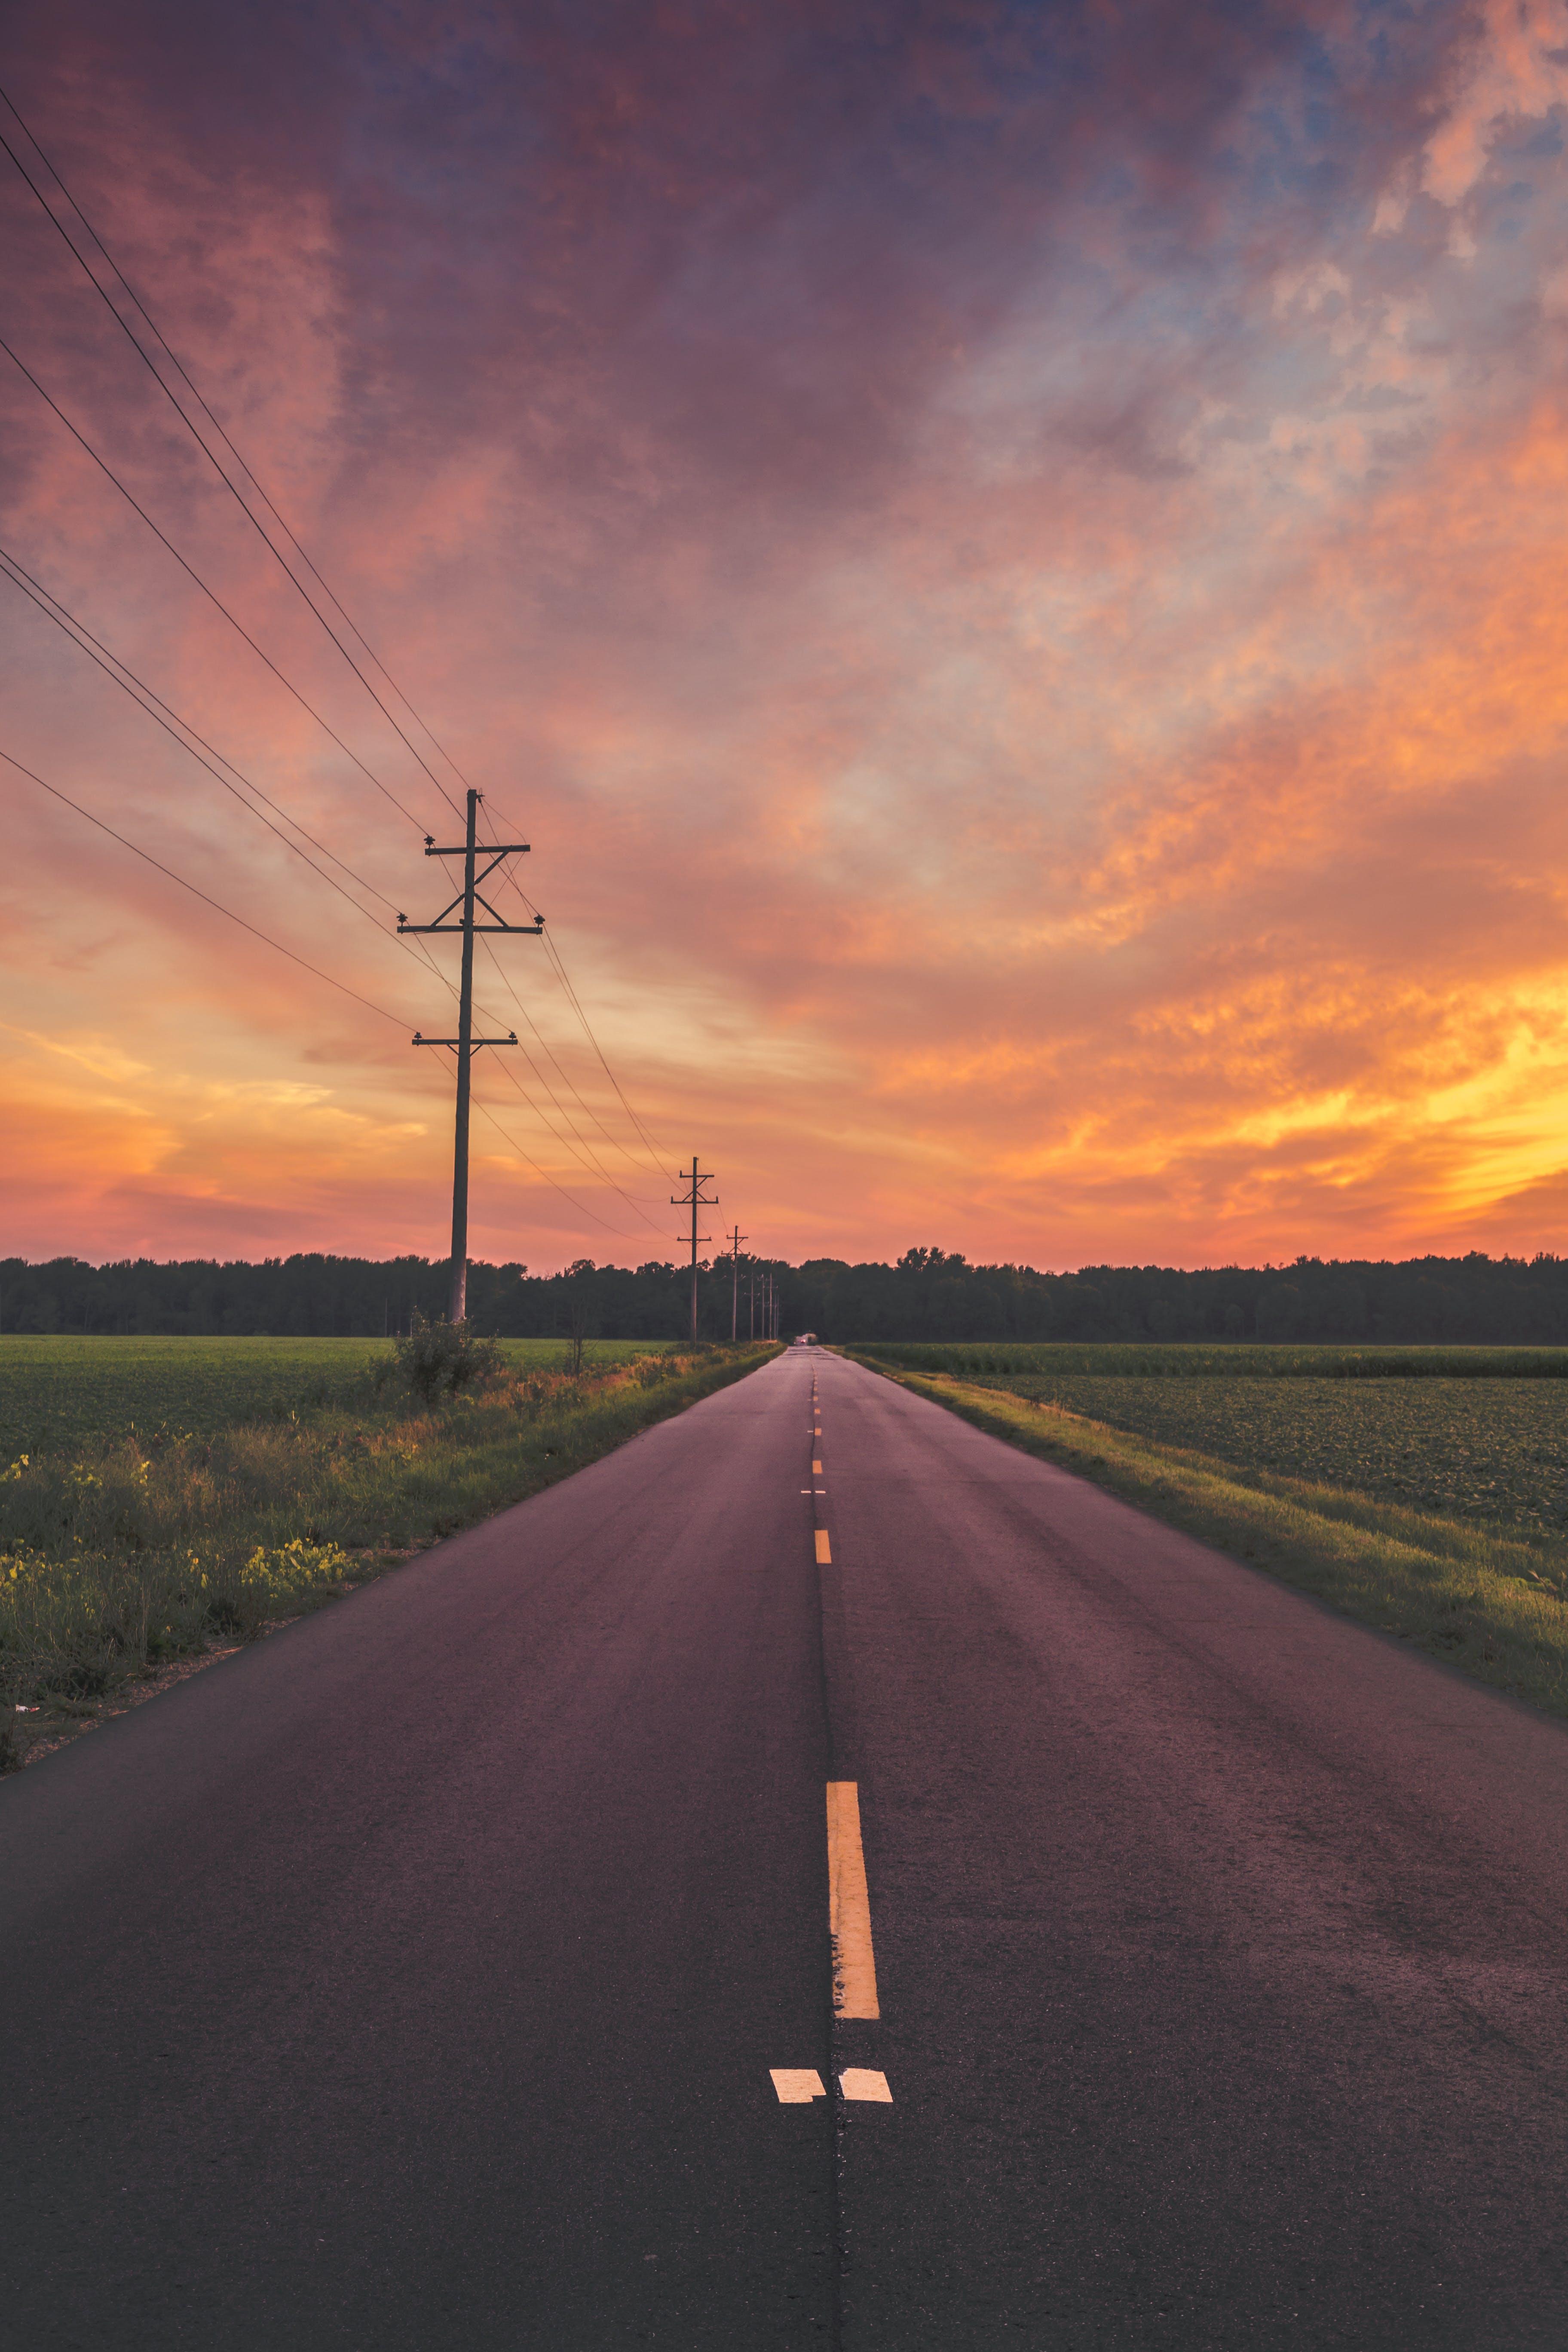 ağaçlar, akşam, alan, asfalt içeren Ücretsiz stok fotoğraf